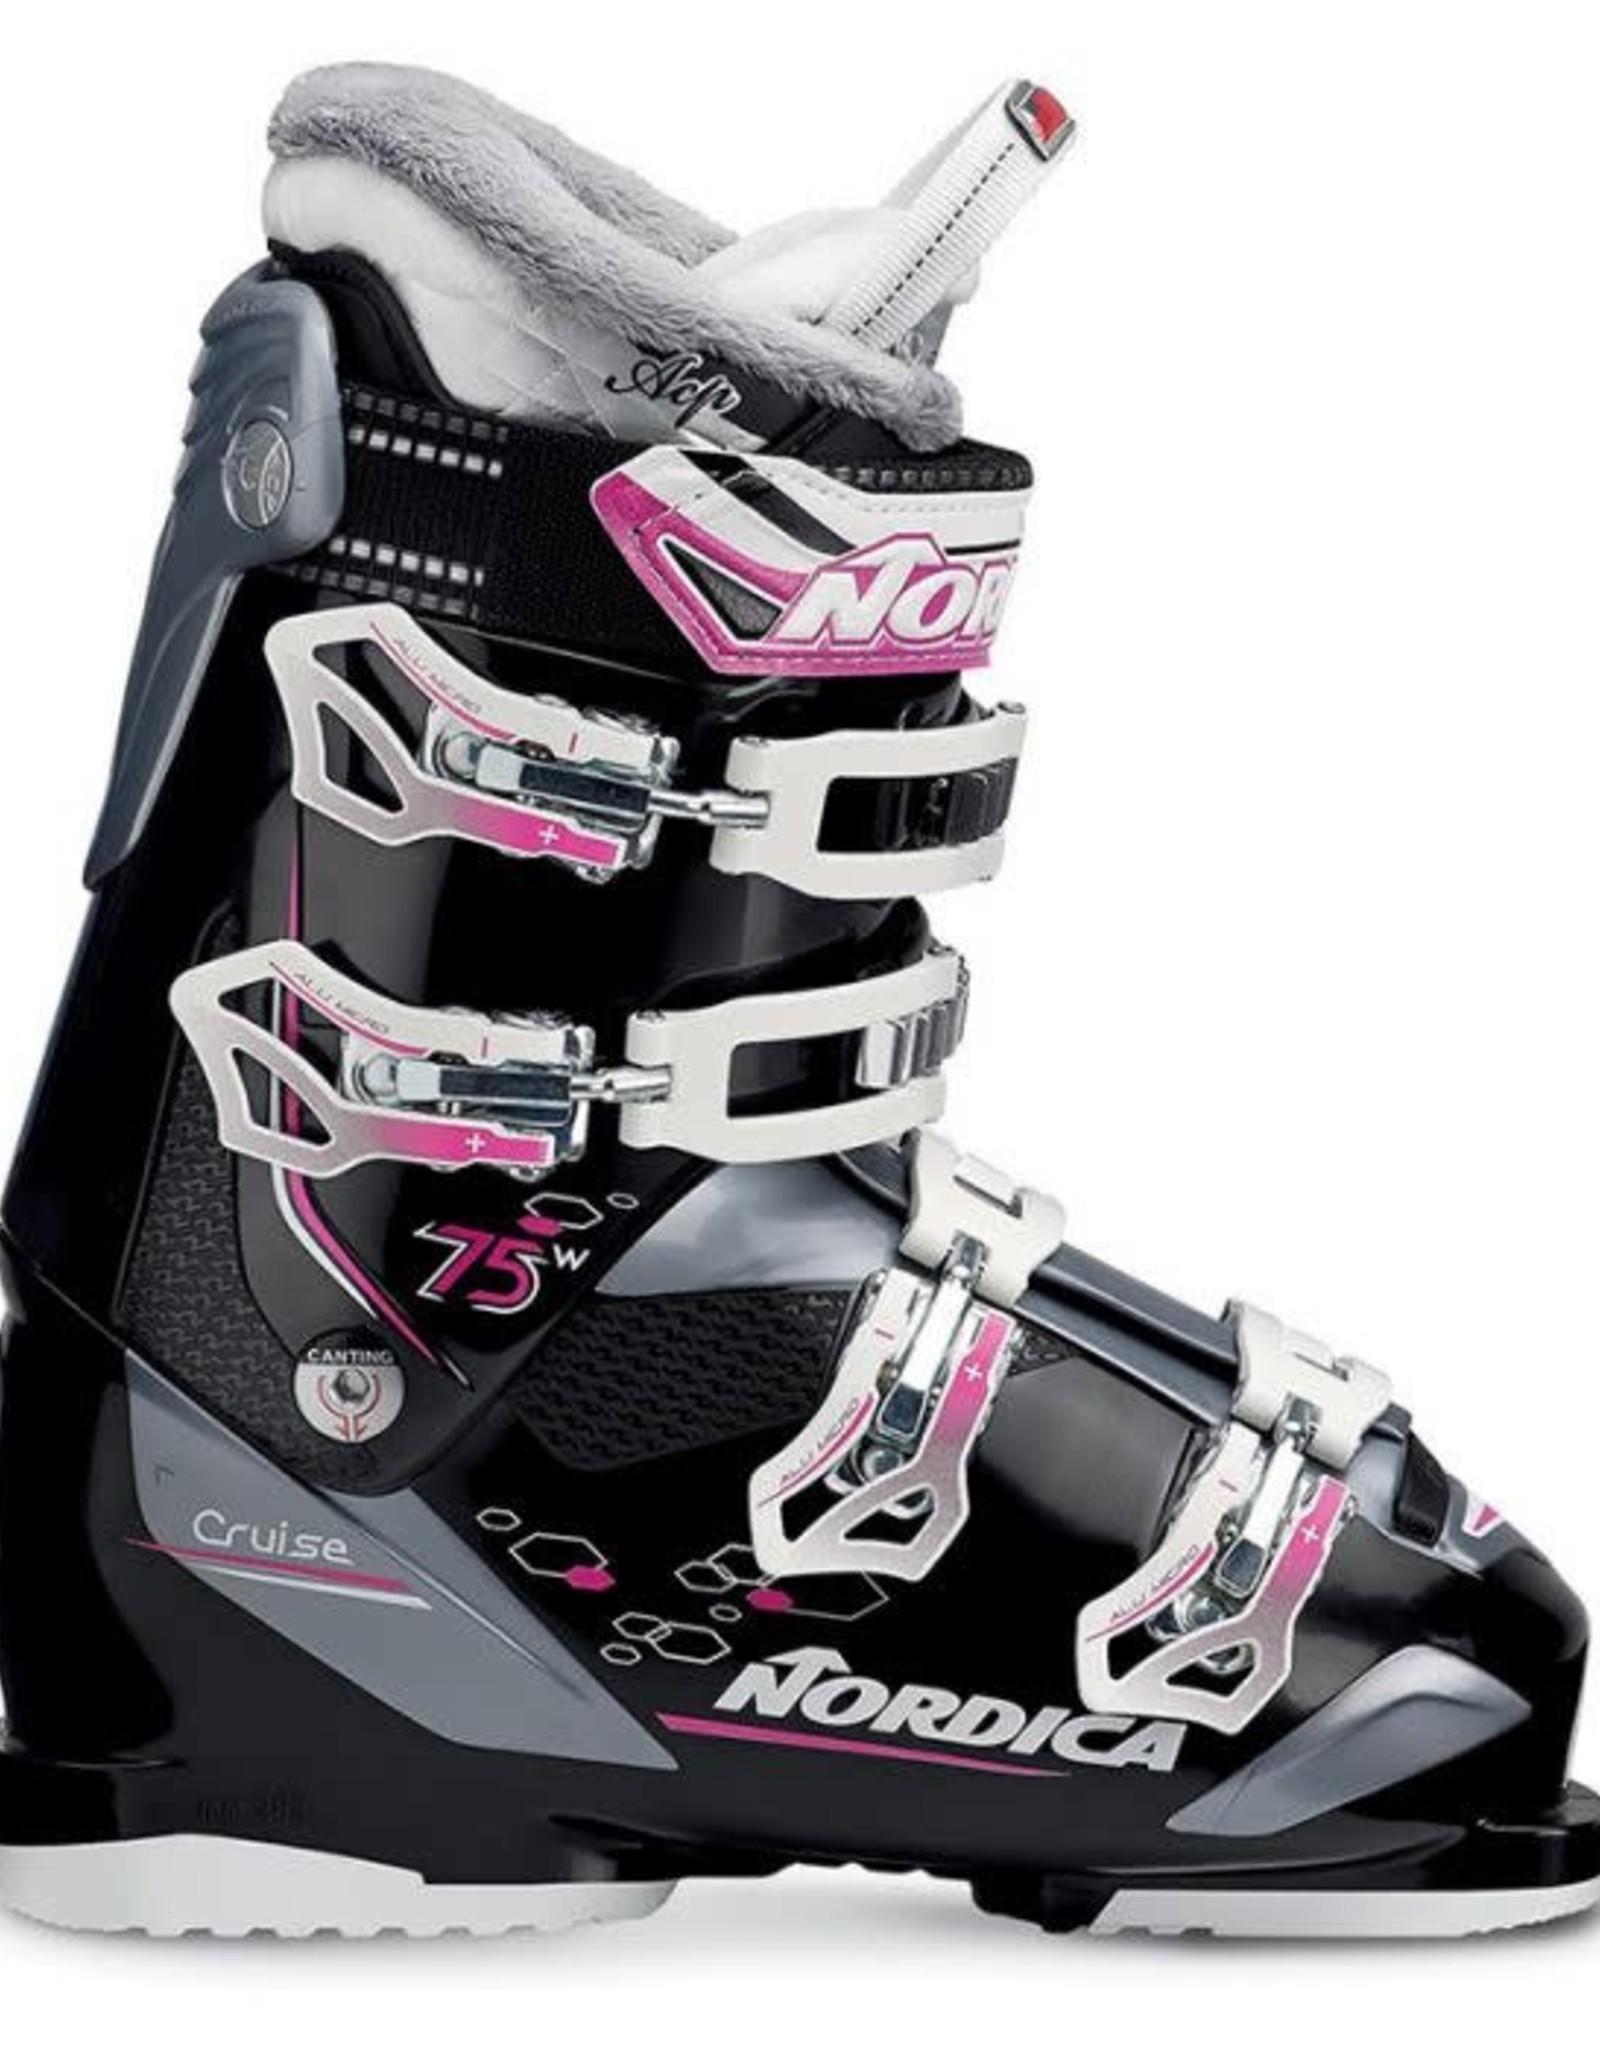 NORDICA NORDICA Ski Boots CRUISE 75 (17/18)